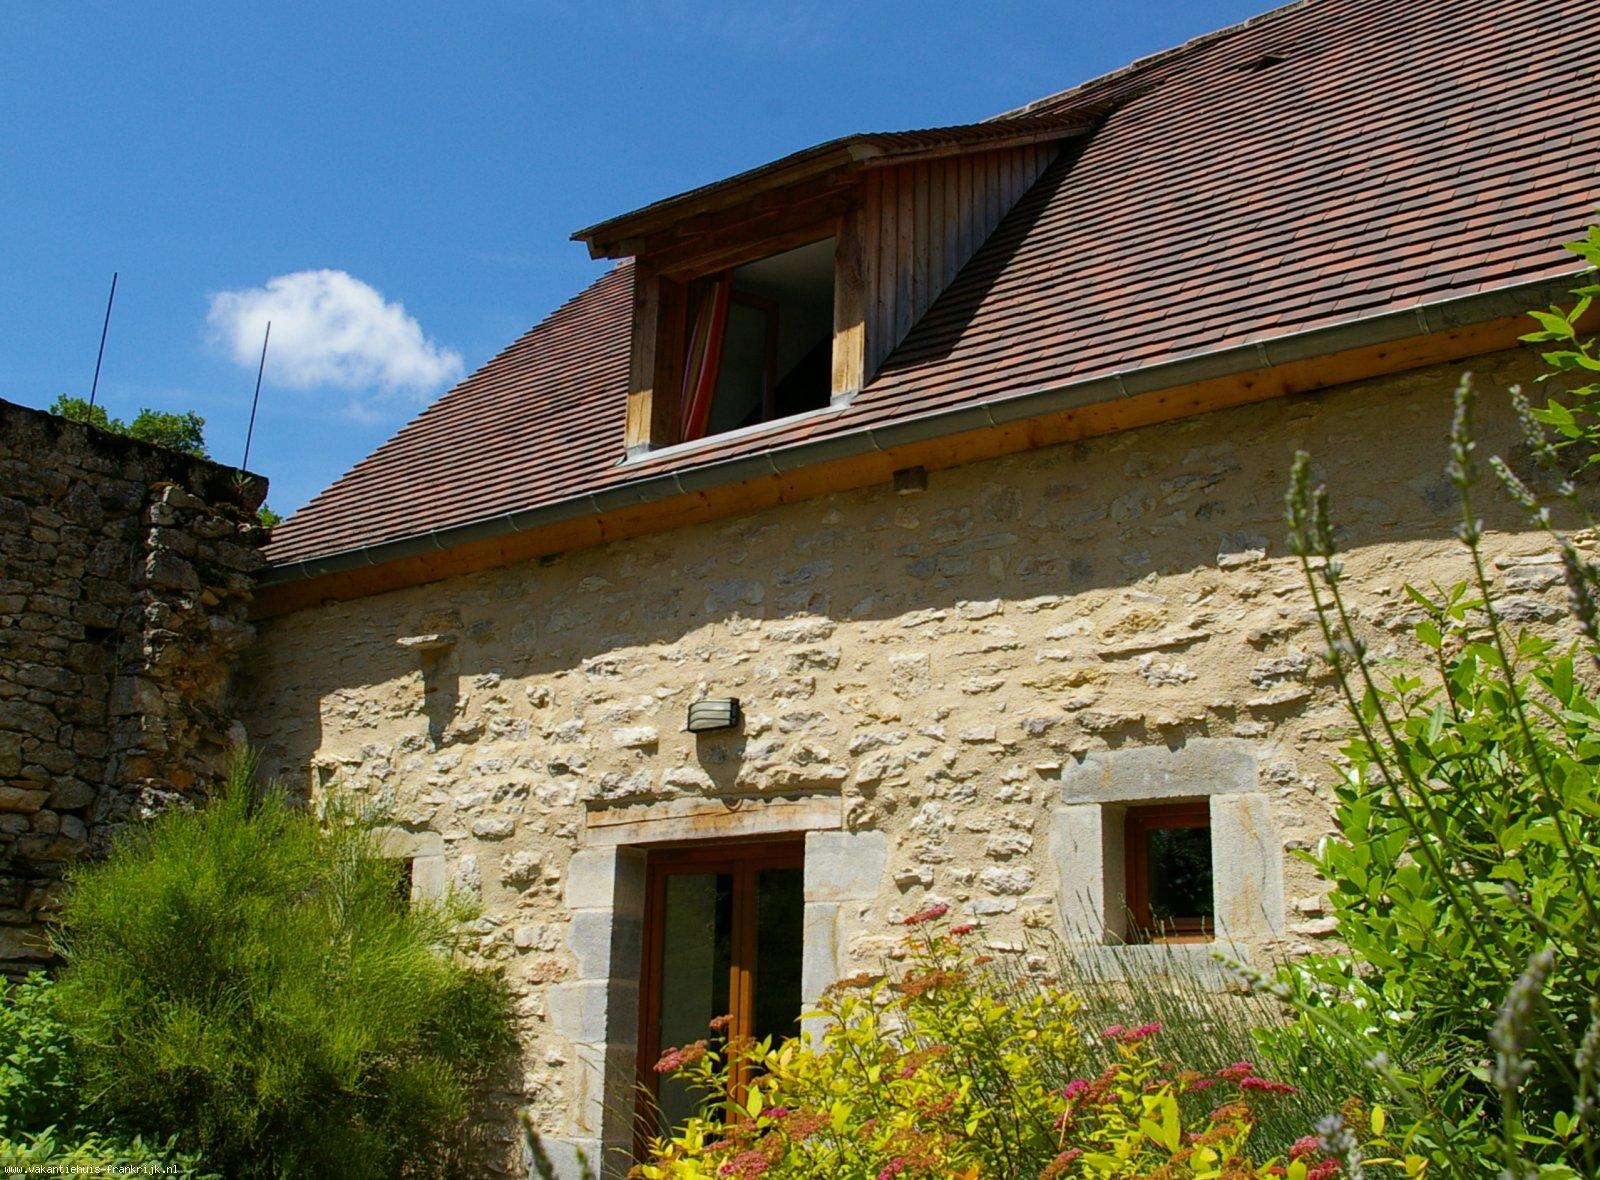 Vakantiehuis: Vakantiehuis De Quercy Stone Gite in Marcilhac-sur-Cele - Privé-tuin, Prachtig aangelegd, heerlijk gelegen, goed ontspannen te huur voor uw vakantie in Lot (Frankrijk)